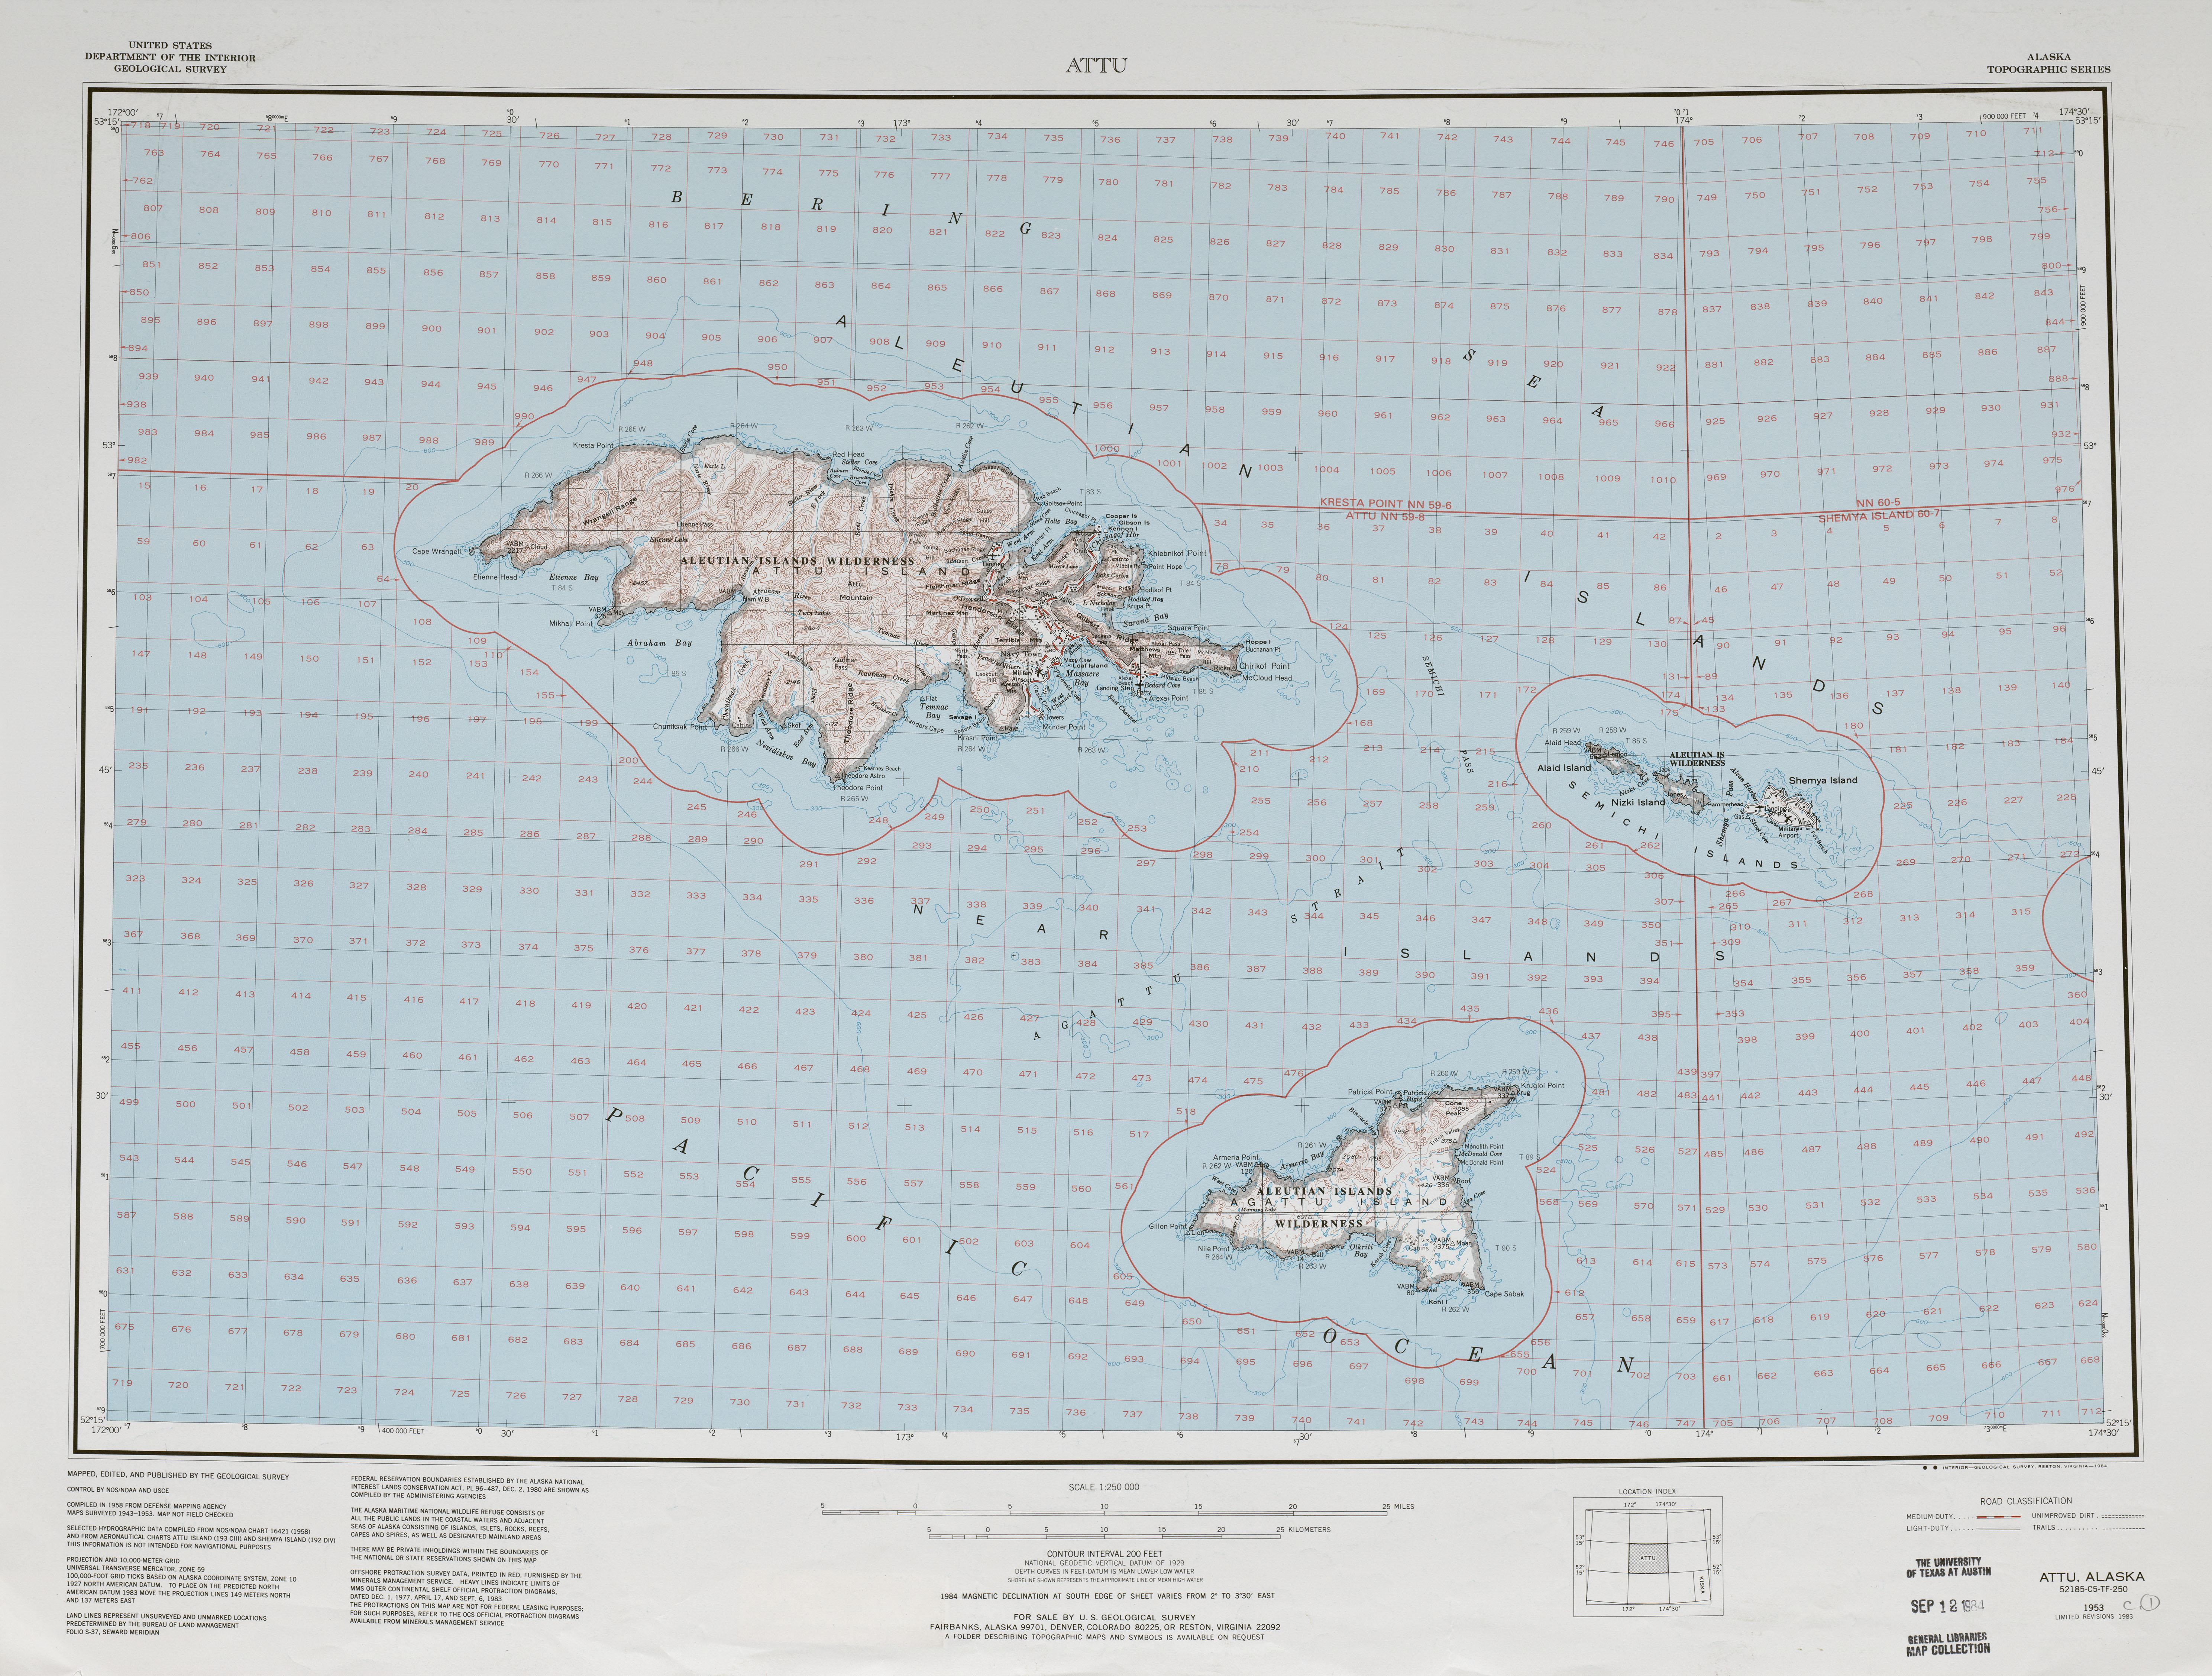 Hoja Attu del Mapa Topográfico de los Estados Unidos 1982